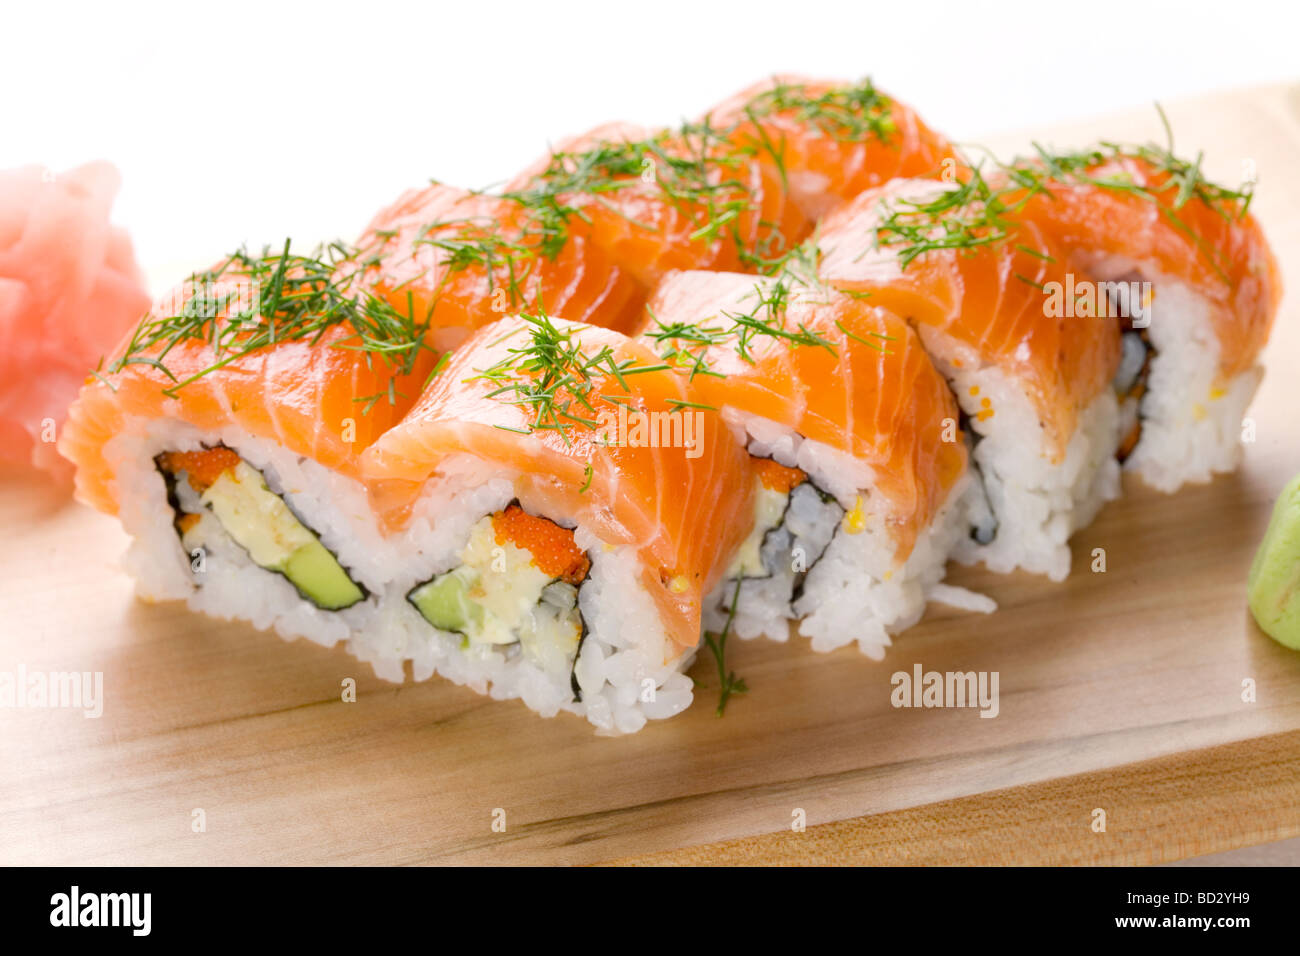 Sushi rolls - Stock Image